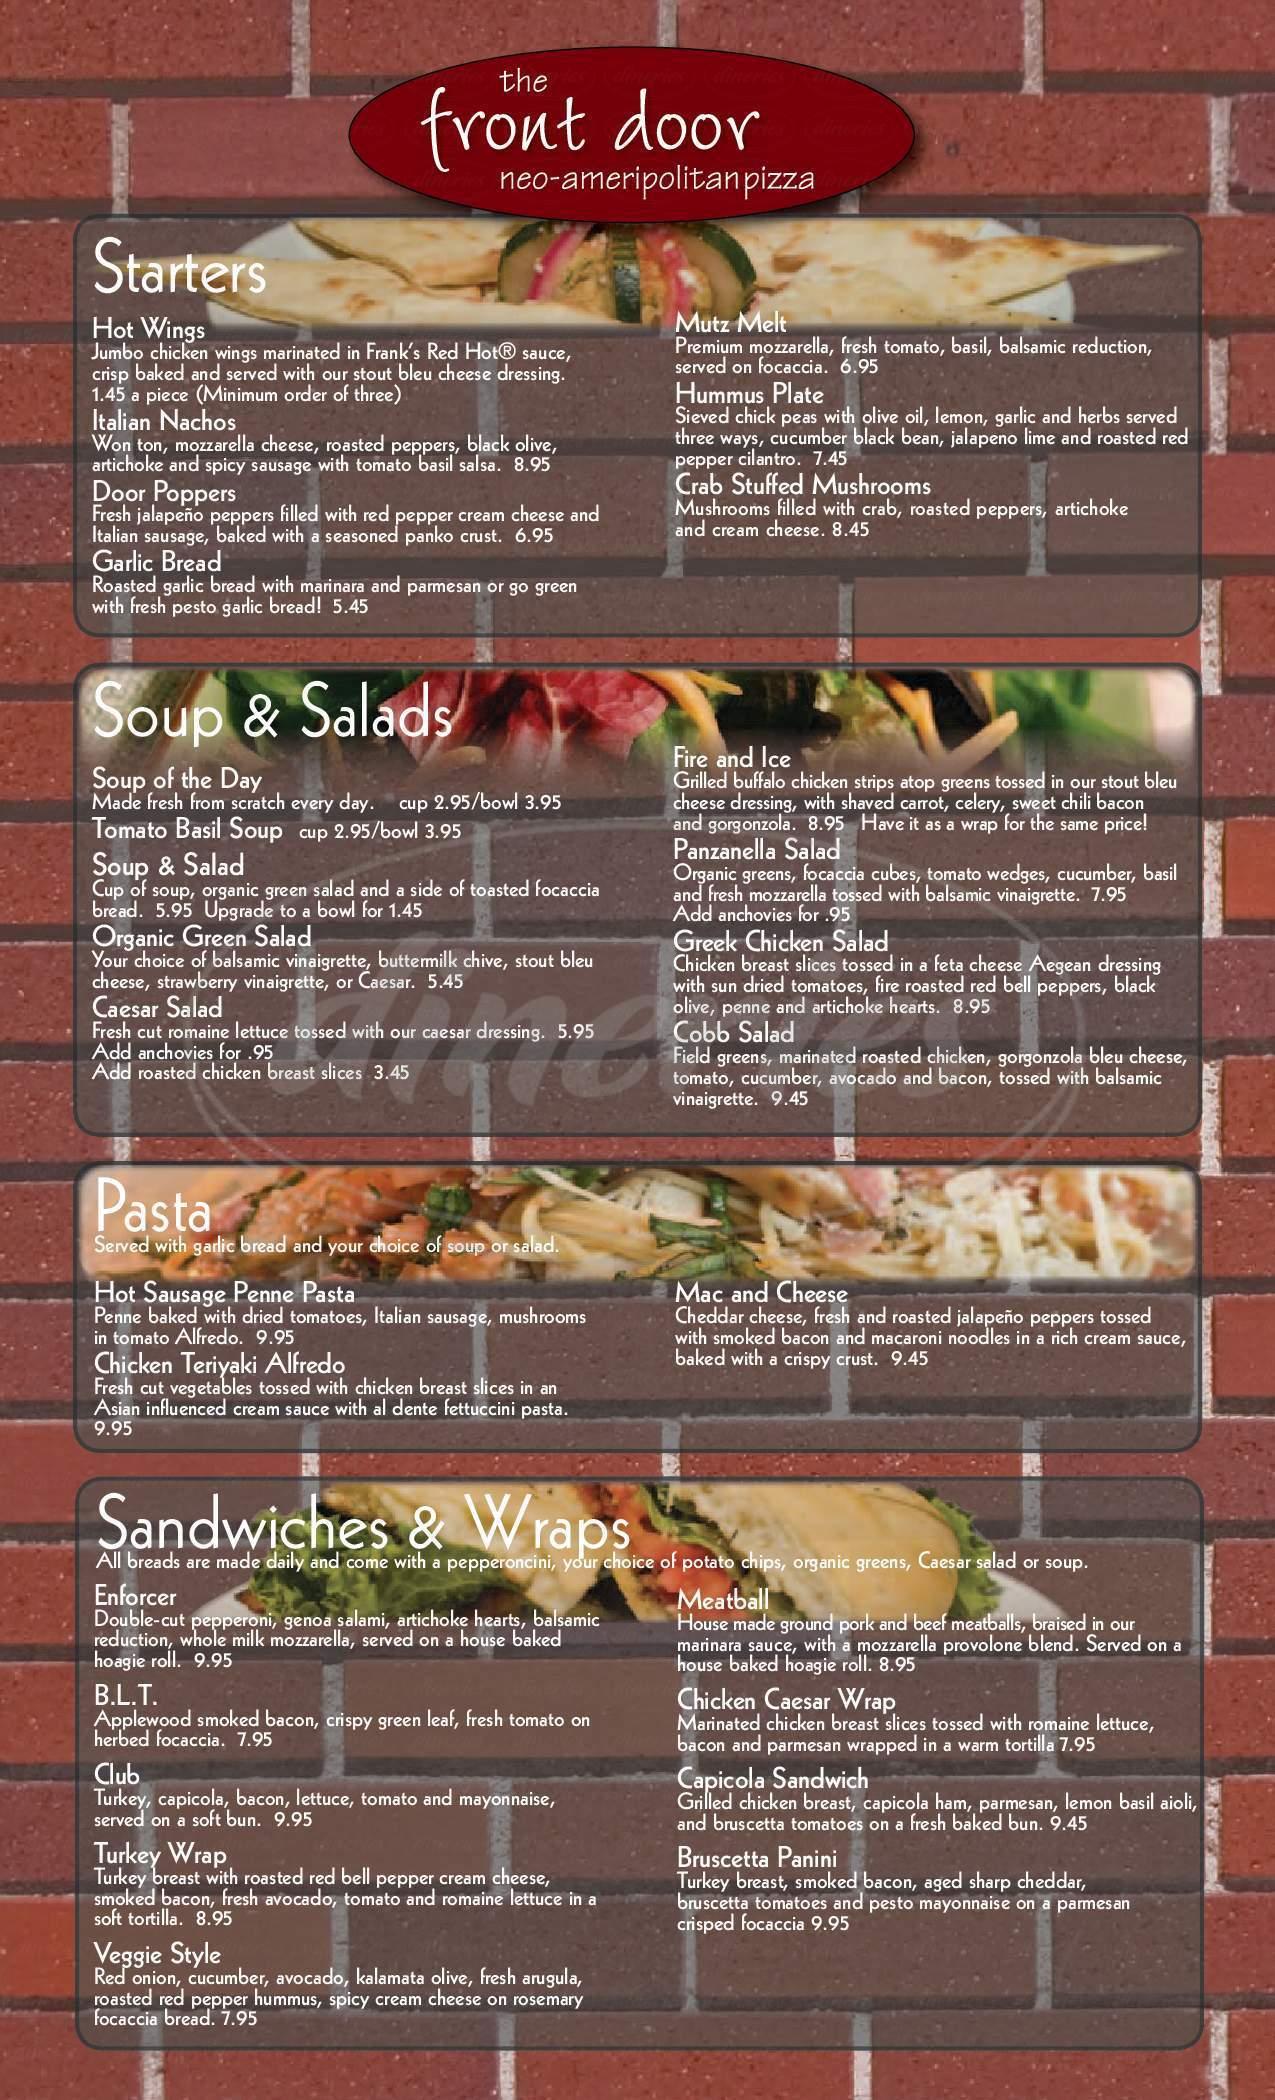 menu for The Front Door